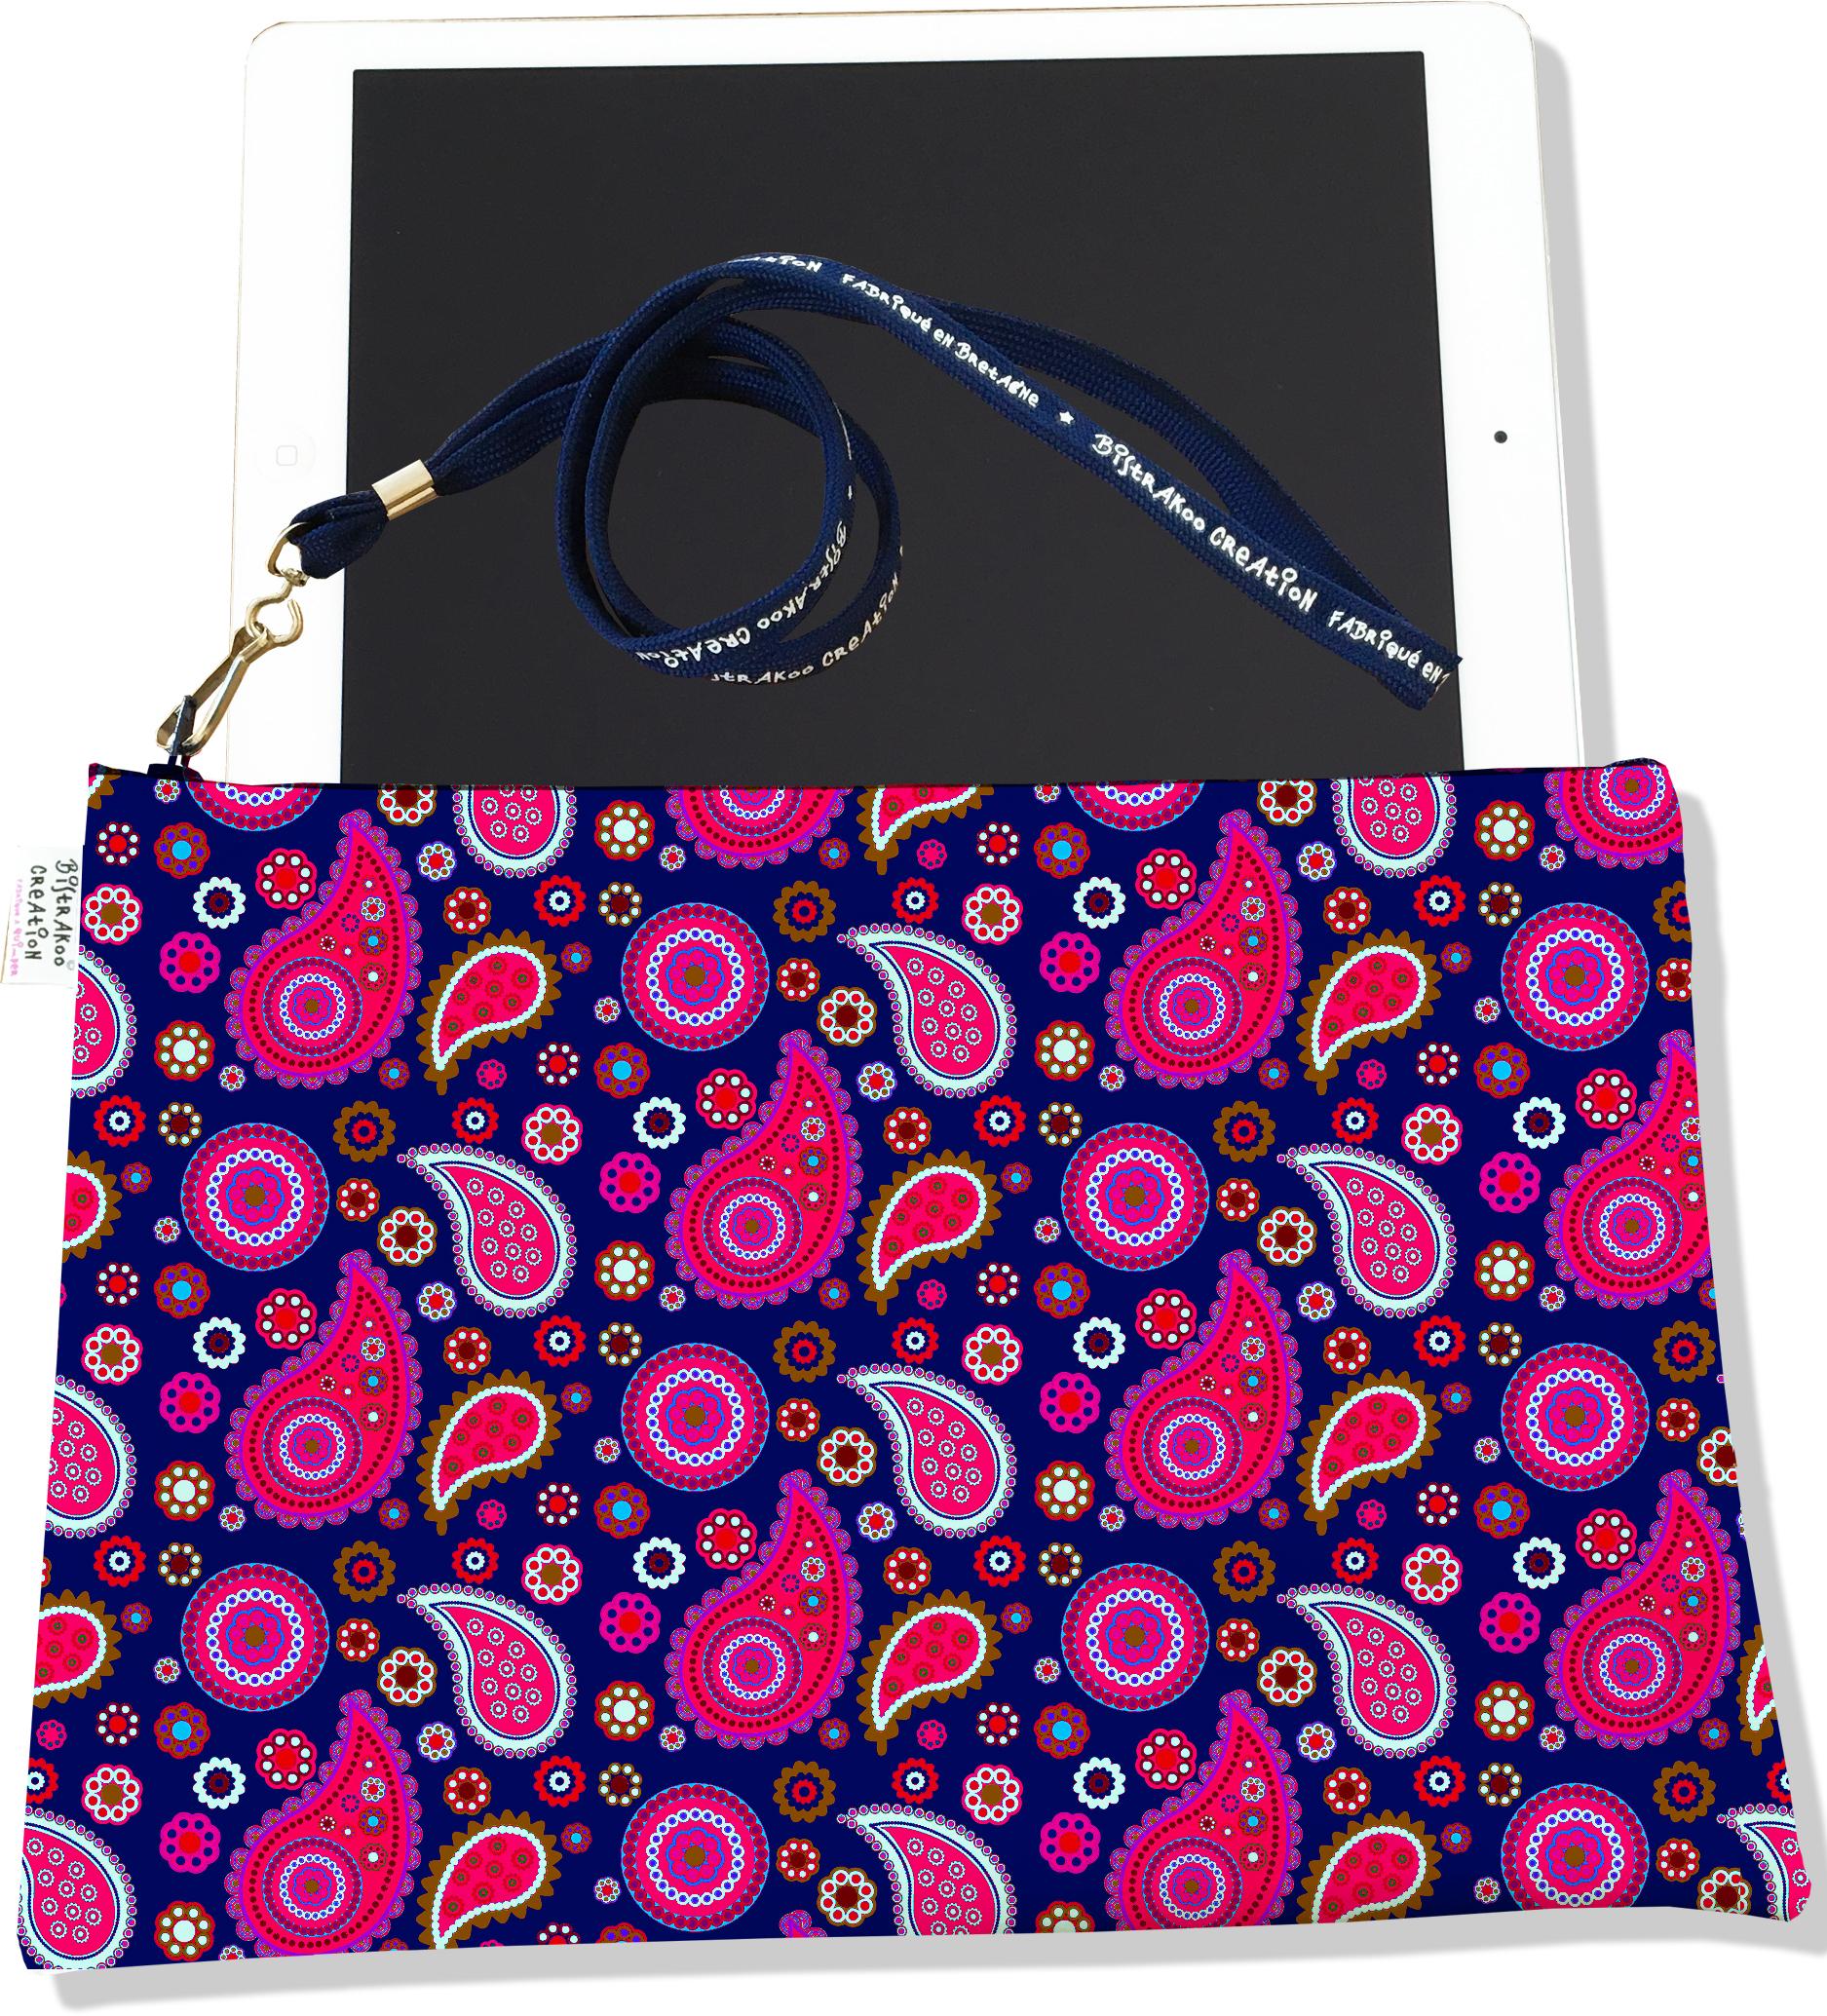 Housse pour tablette pour femme motif Cachemire bleu marine et rouge 2001